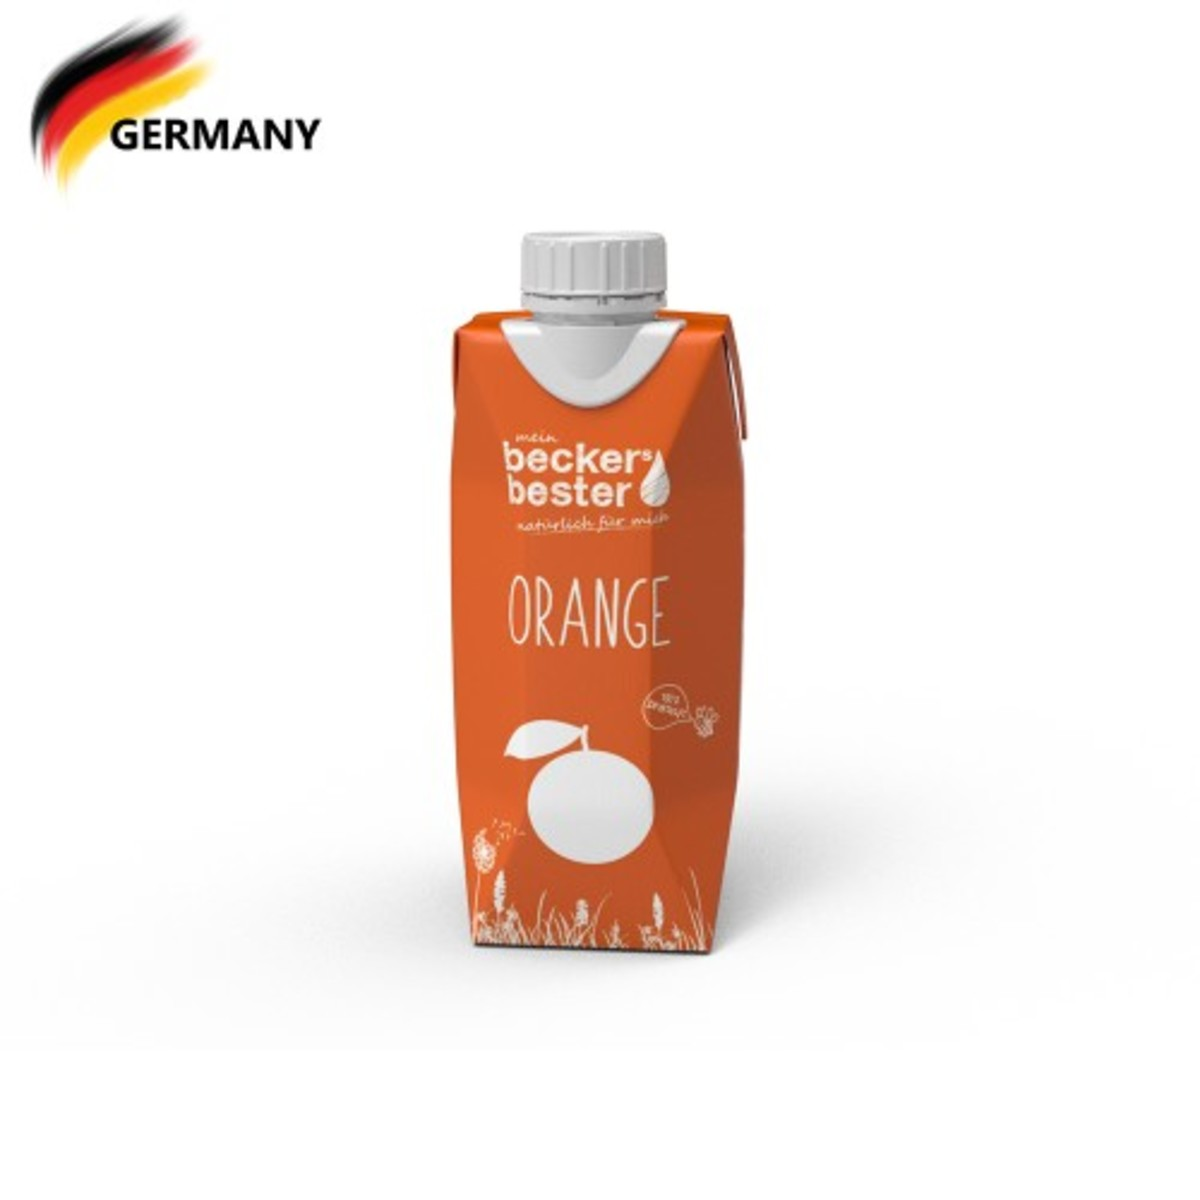 100%直壓非濃縮橙汁 Orange Juice (Non-concentrated) 330ml